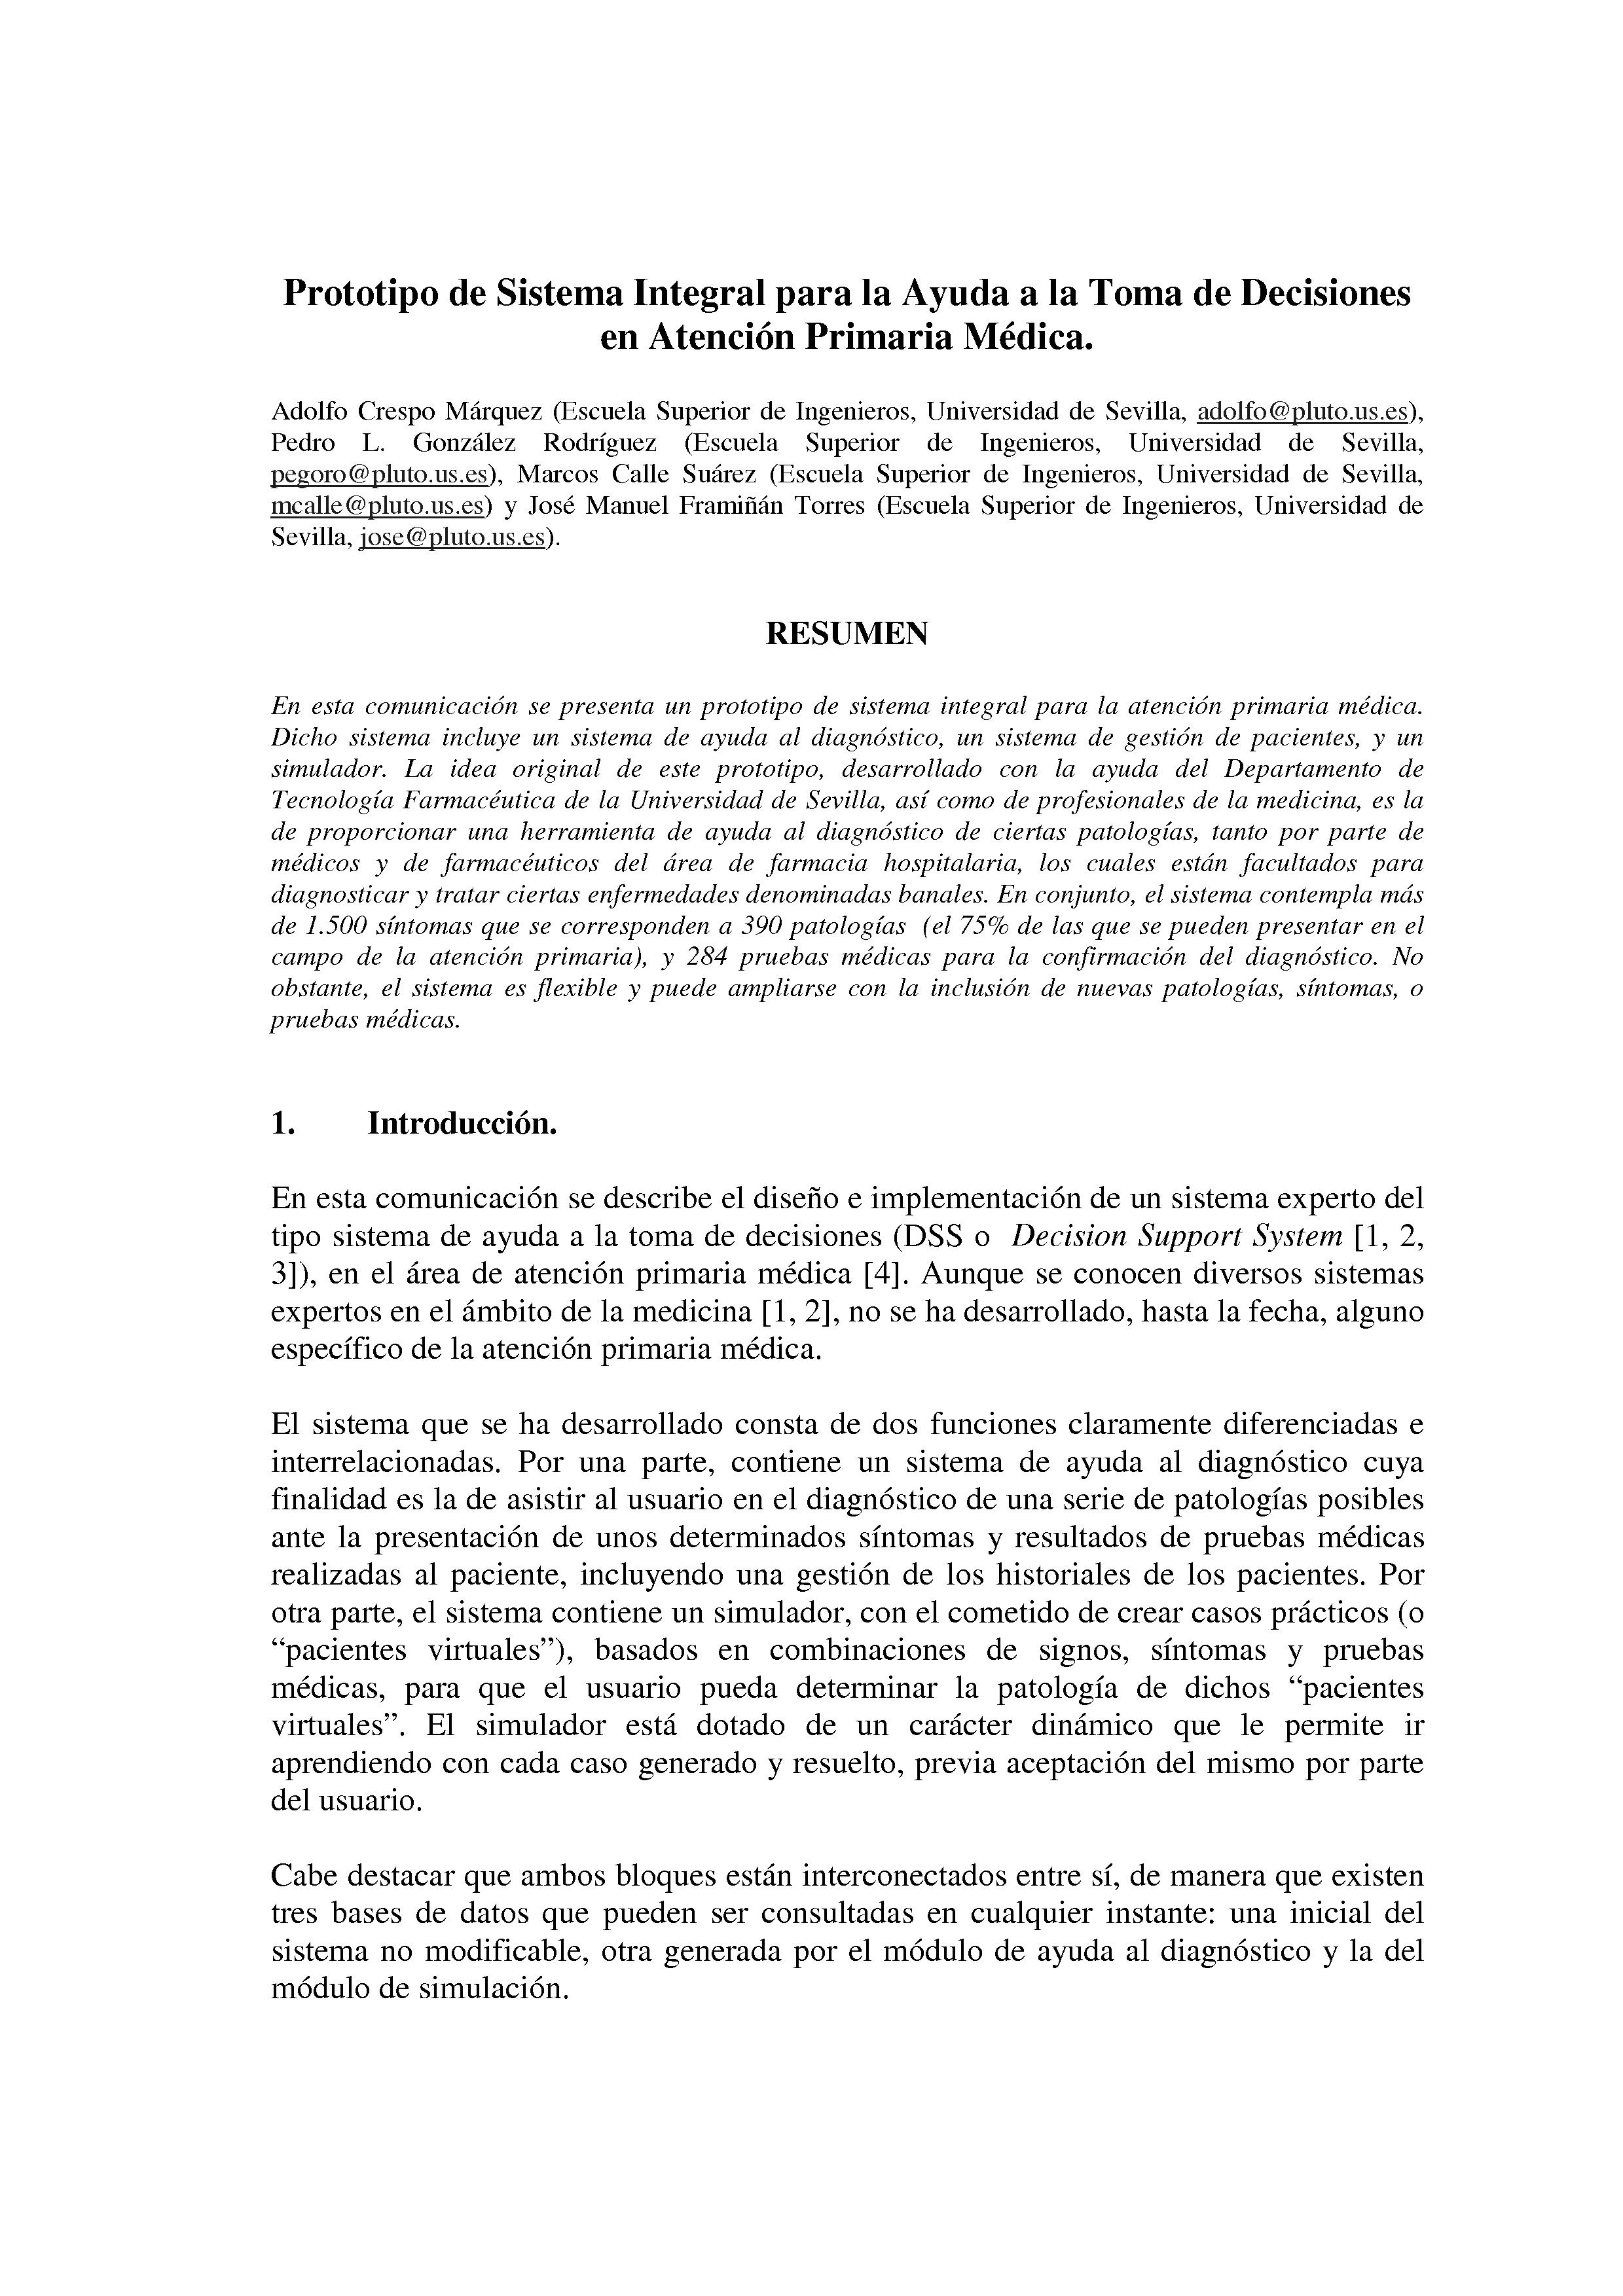 Prototipo de Sistema Integral para la Ayuda a la Toma de Decisiones en Atención Primaria Médica.